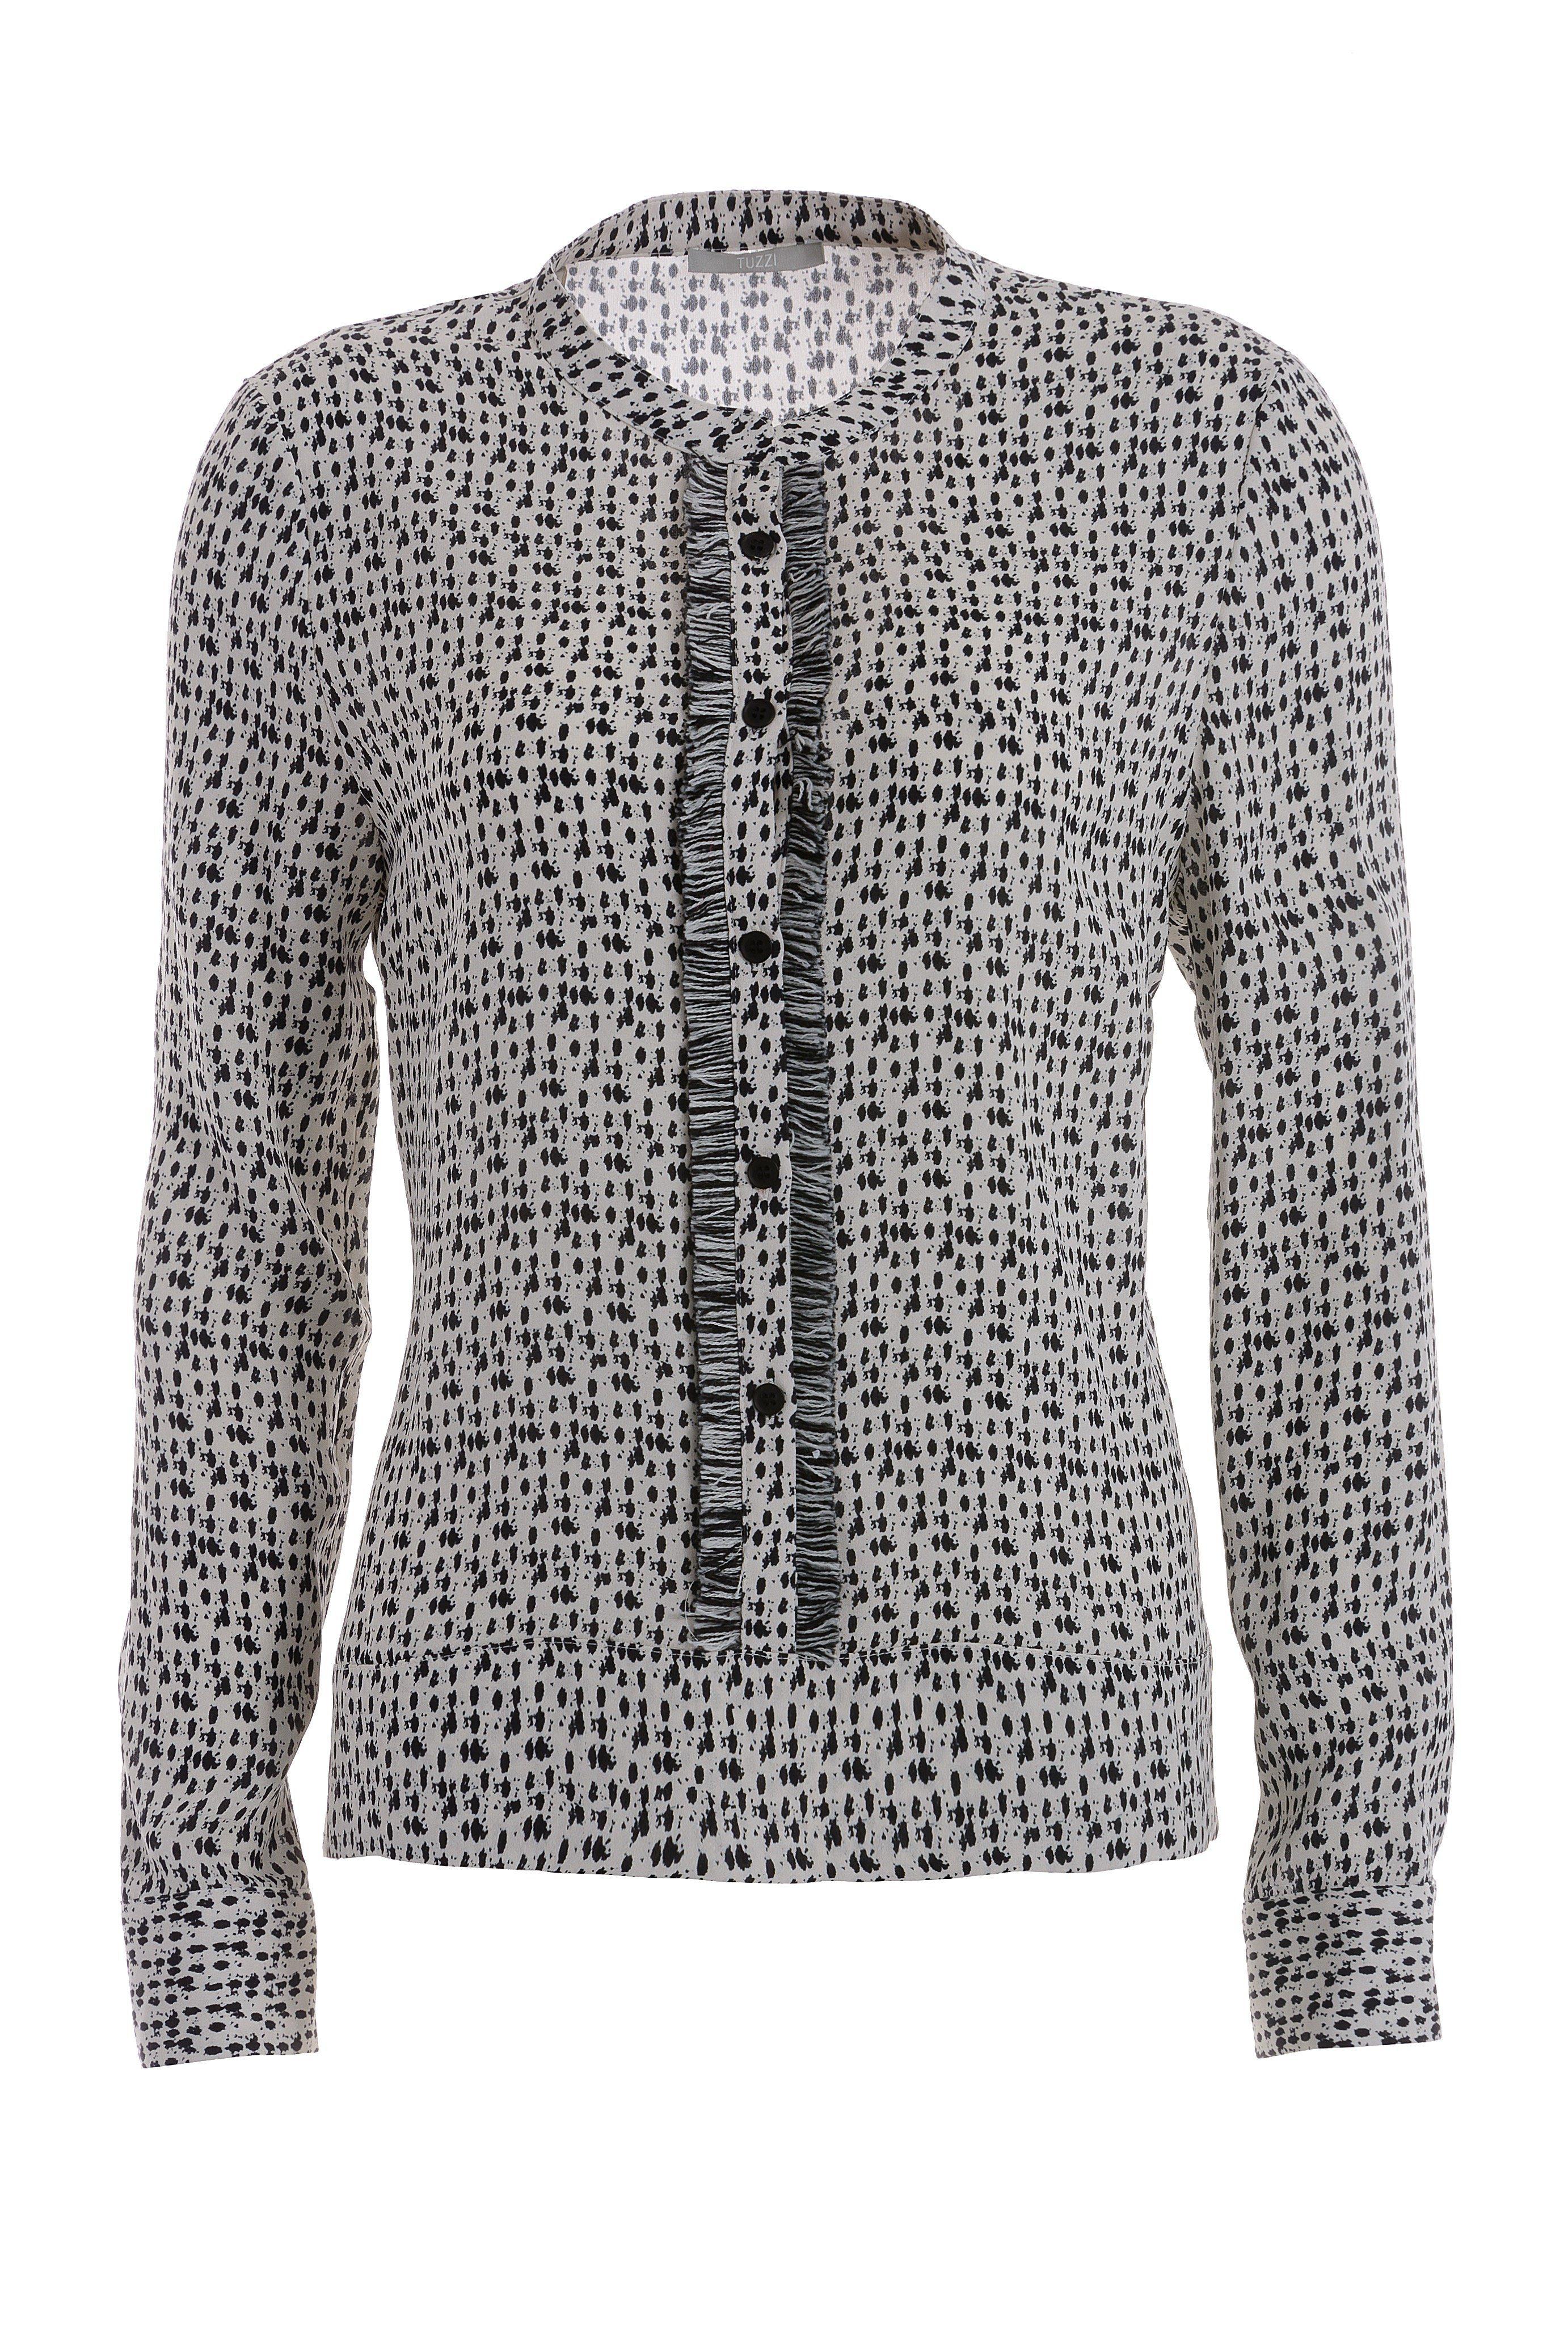 TUZZI Bedruckte Bluse mit Fransenband